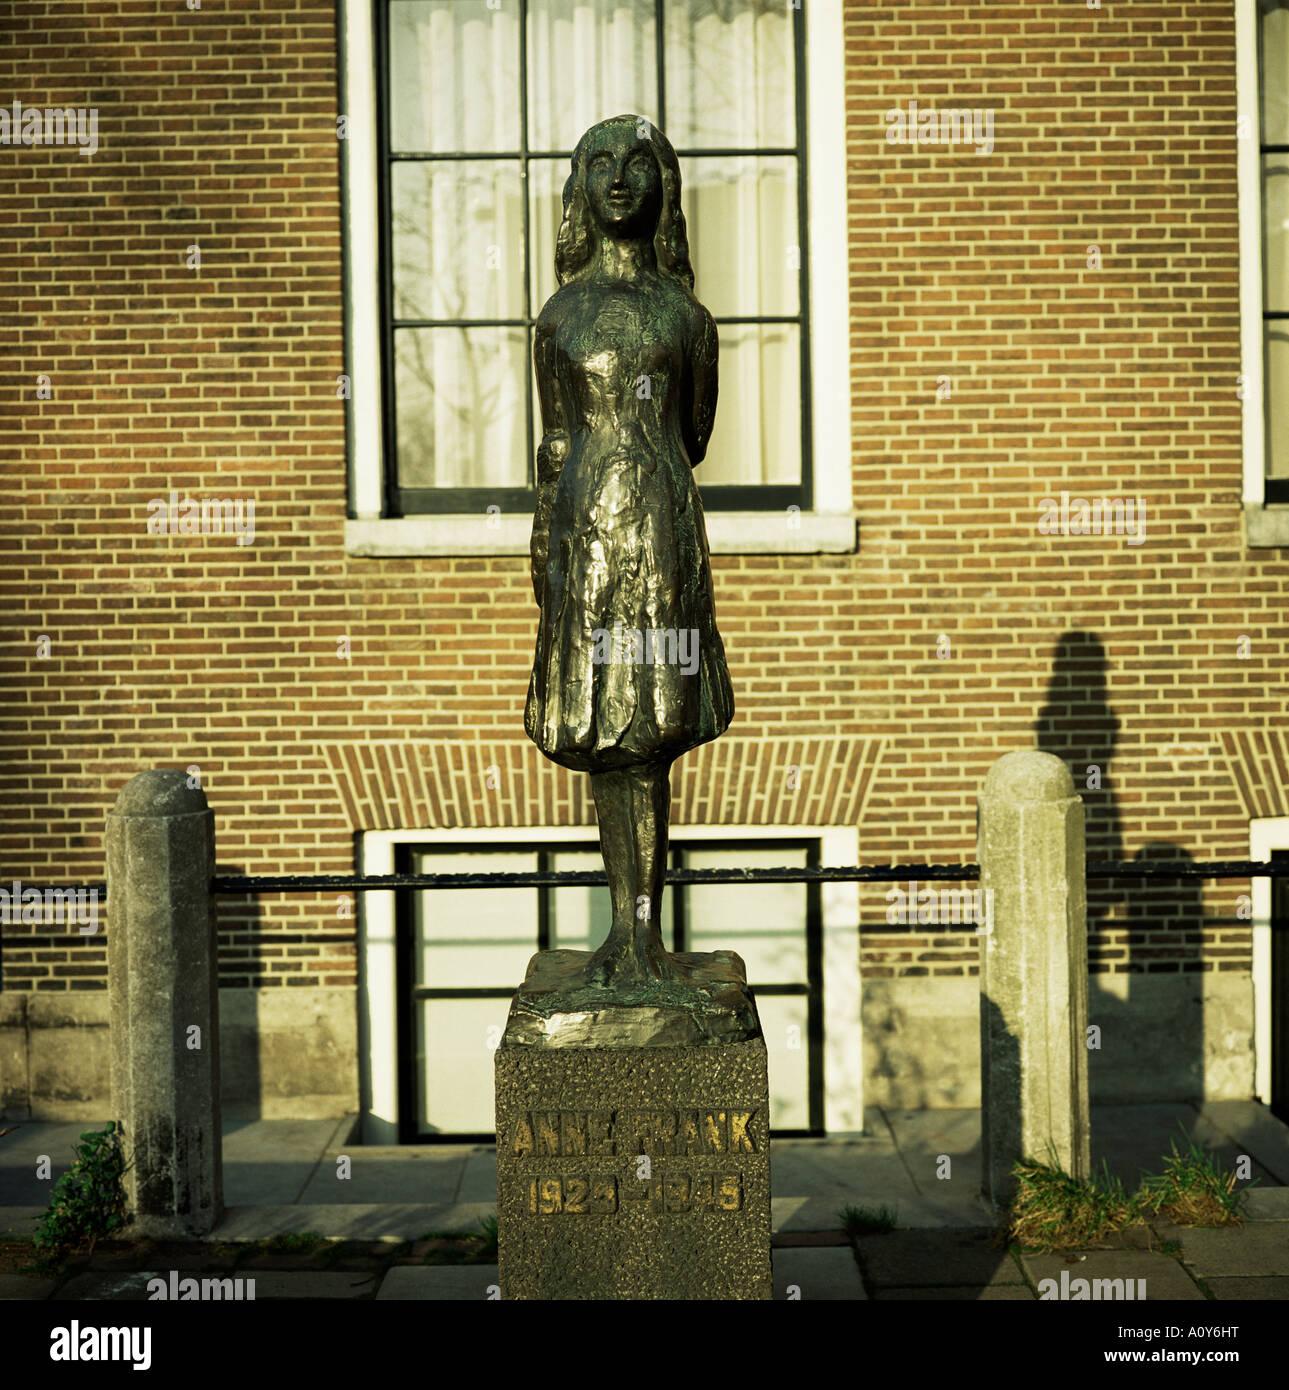 Statue von Anne Frank das jüdische Mädchen, die ein Tagebuch schrieb während versteckt vor den Nazis während des Stockfoto